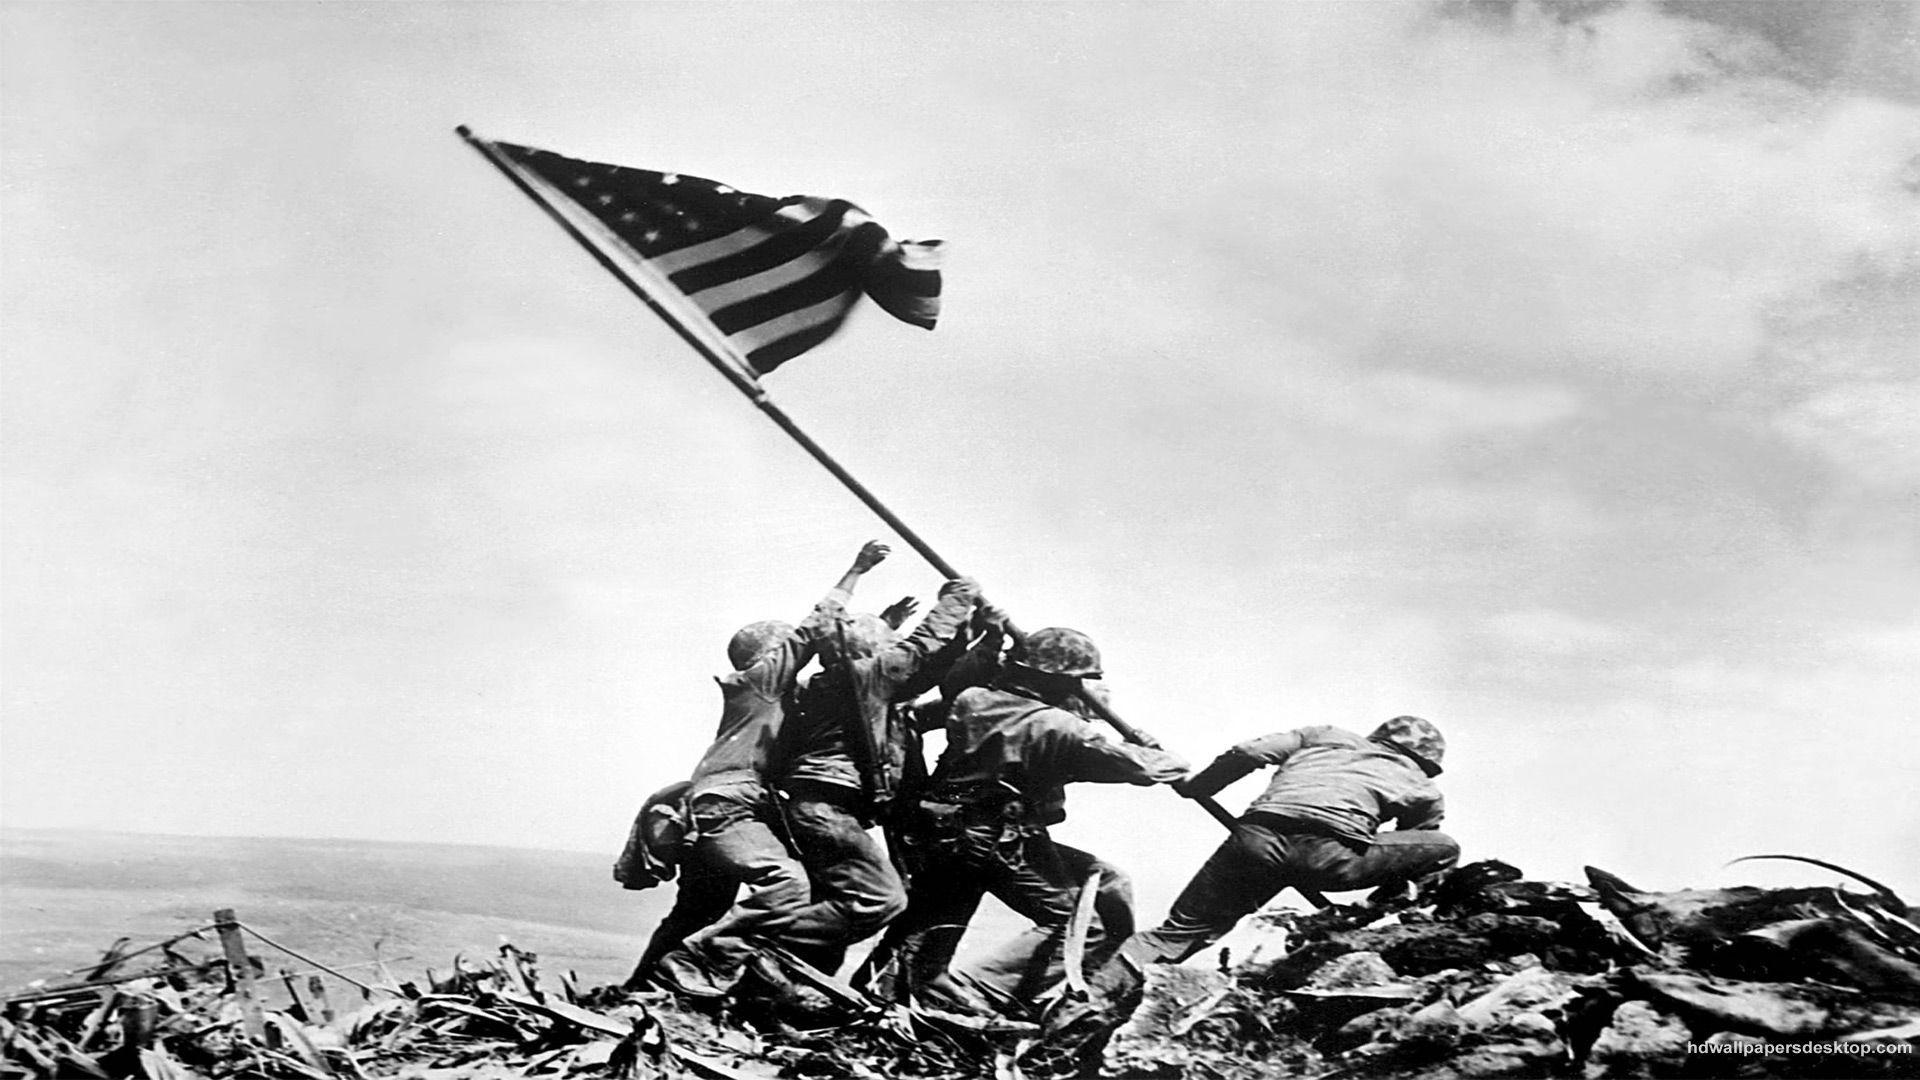 Raising The Flag On Iwo Jima Is A Photograph Taken On February 23 1945 By Joe Rosenthal Iwo Jima Iwo